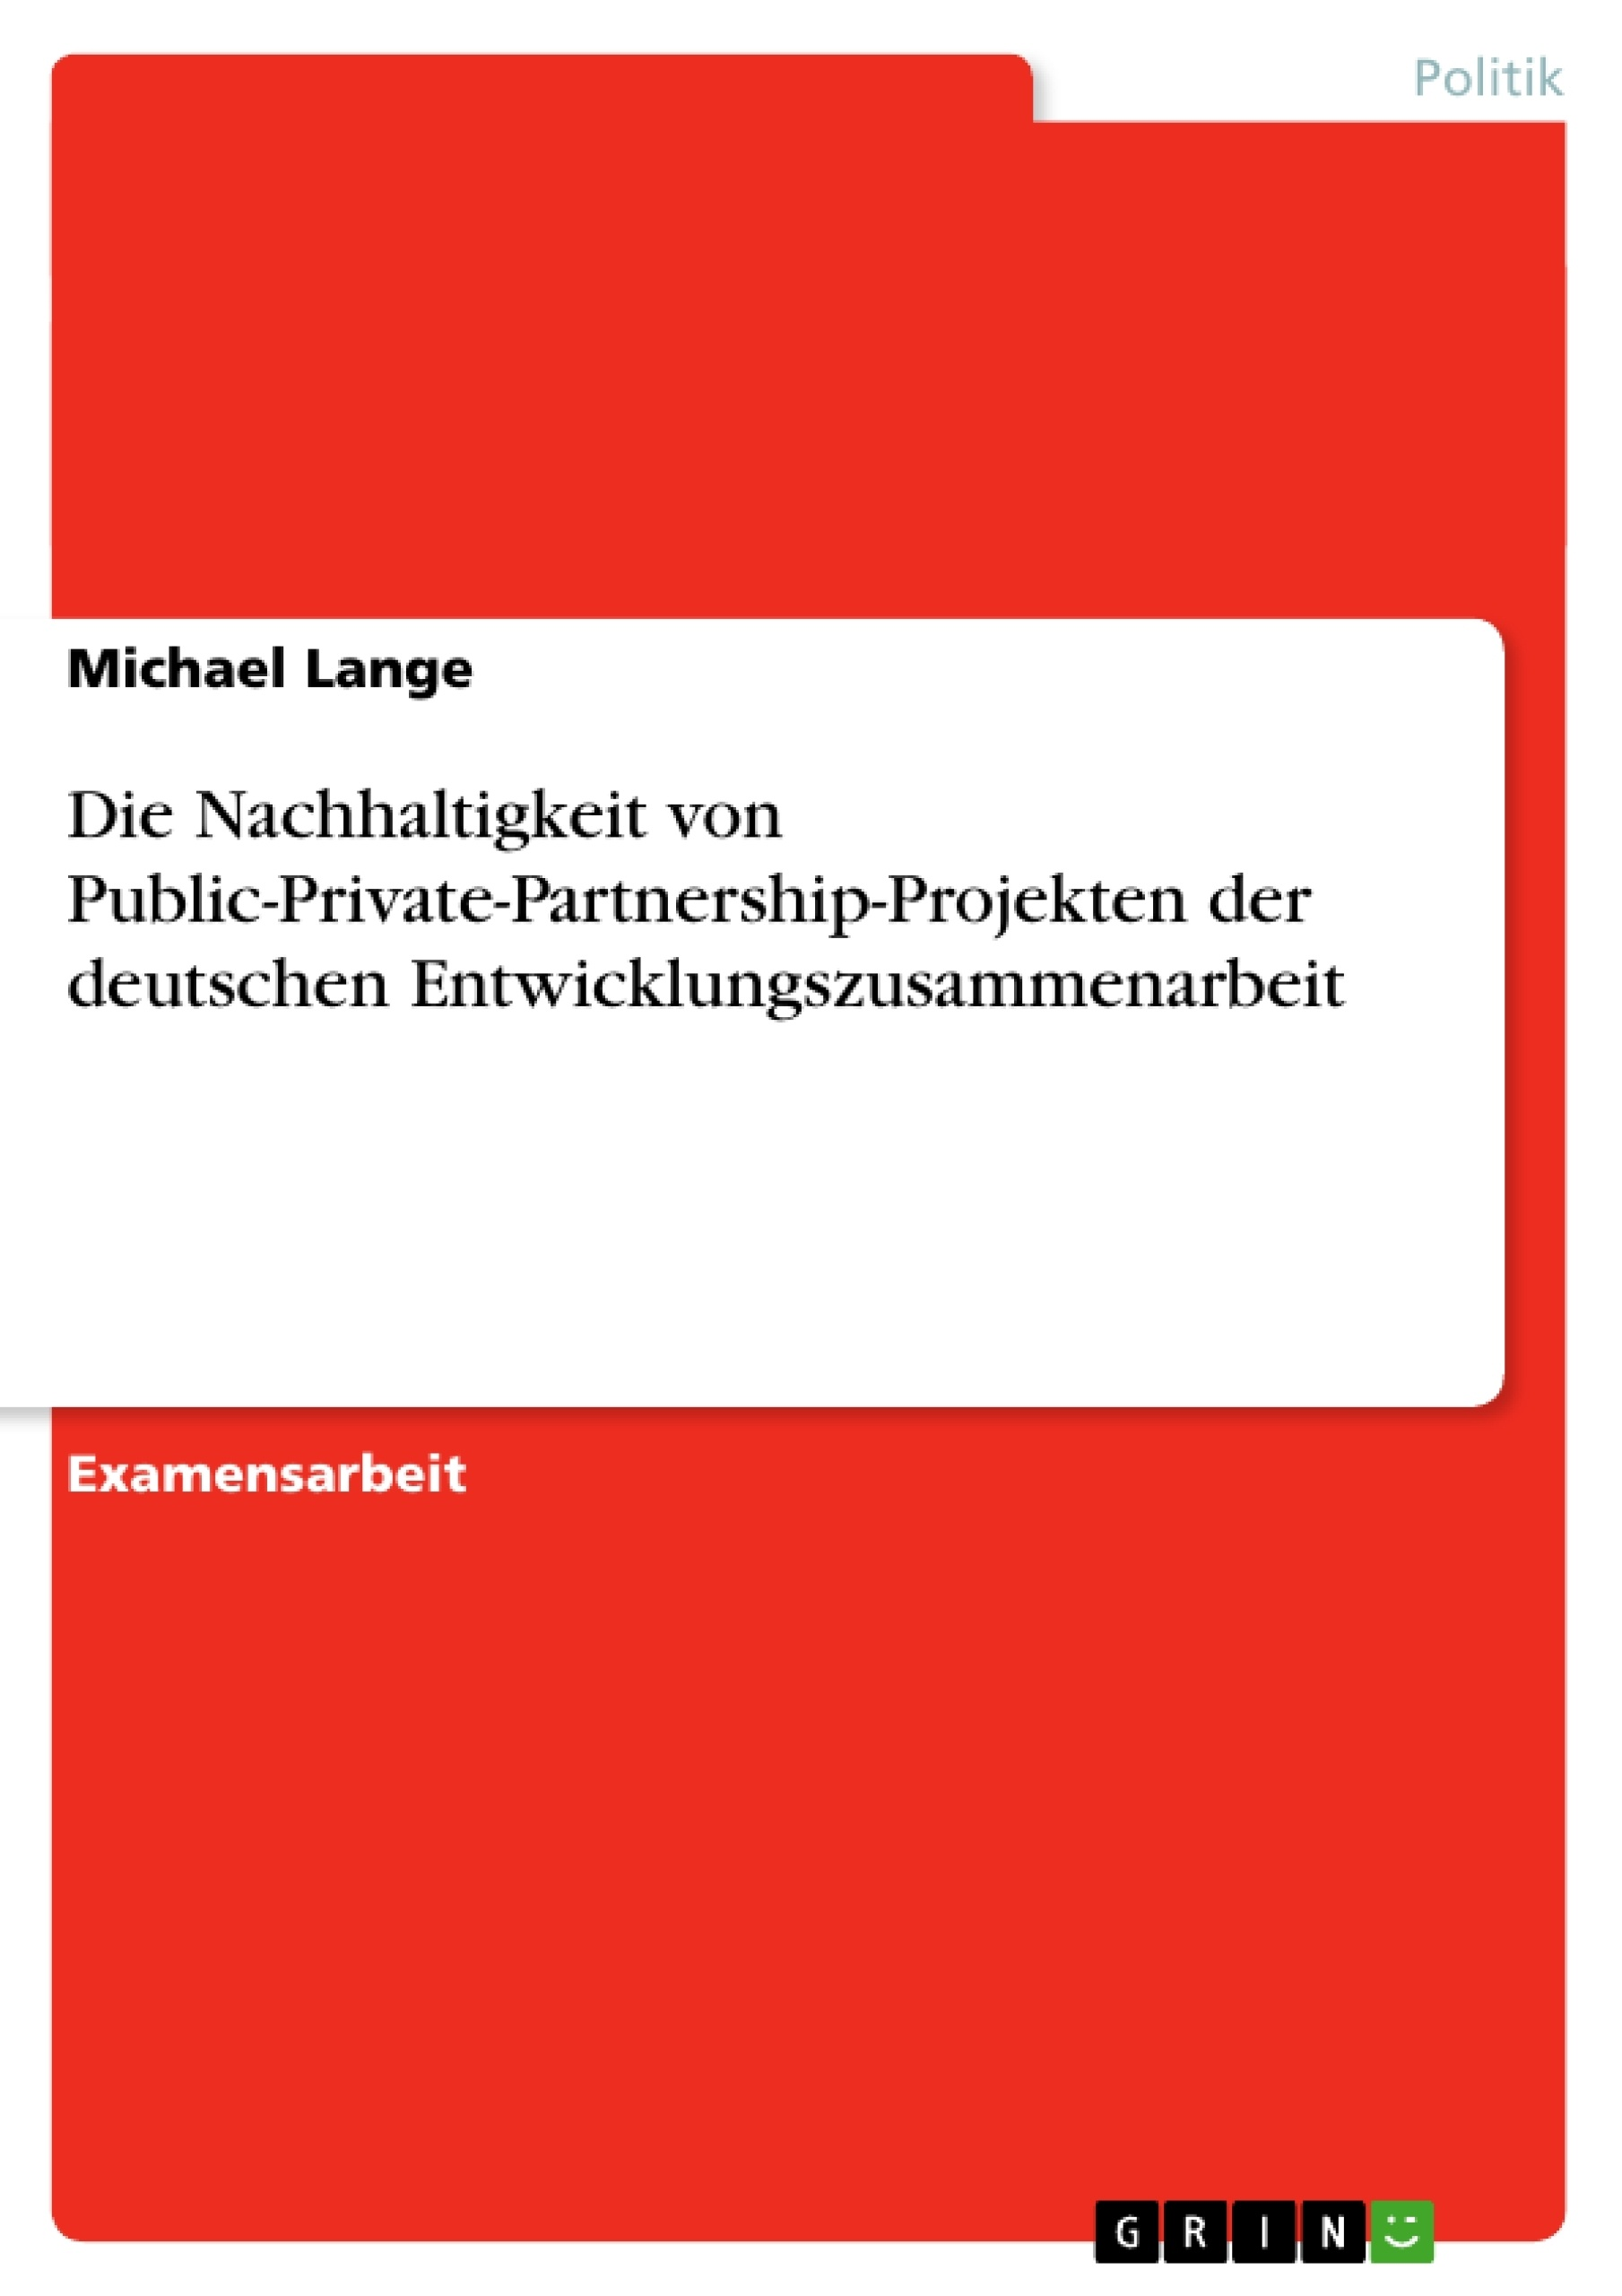 Titel: Die Nachhaltigkeit von Public-Private-Partnership-Projekten der deutschen Entwicklungszusammenarbeit